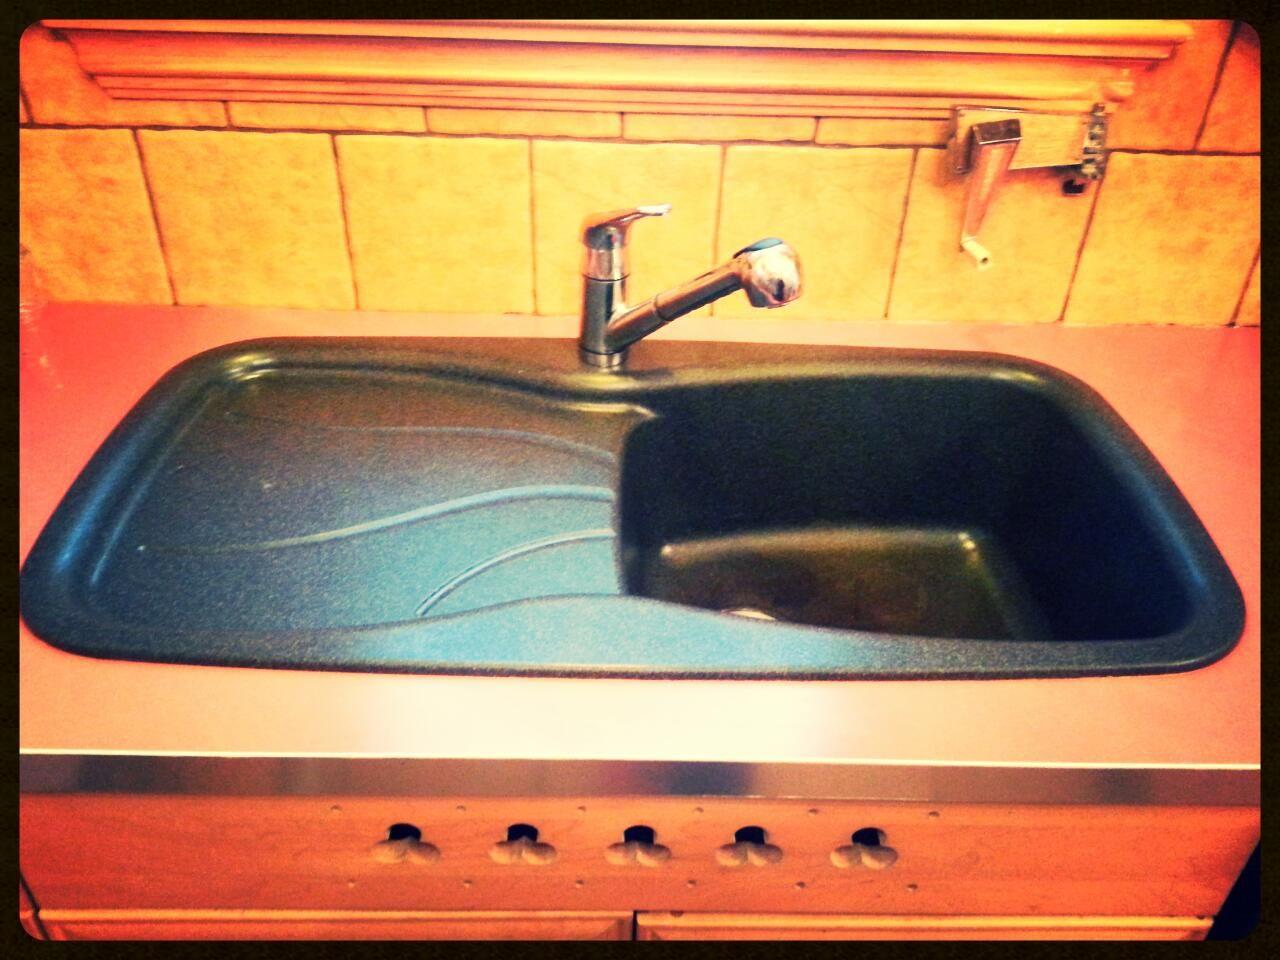 Comment Nettoyer Du Vieux Cuivre comment nettoyer un évier en résine ? - blog de bricolage